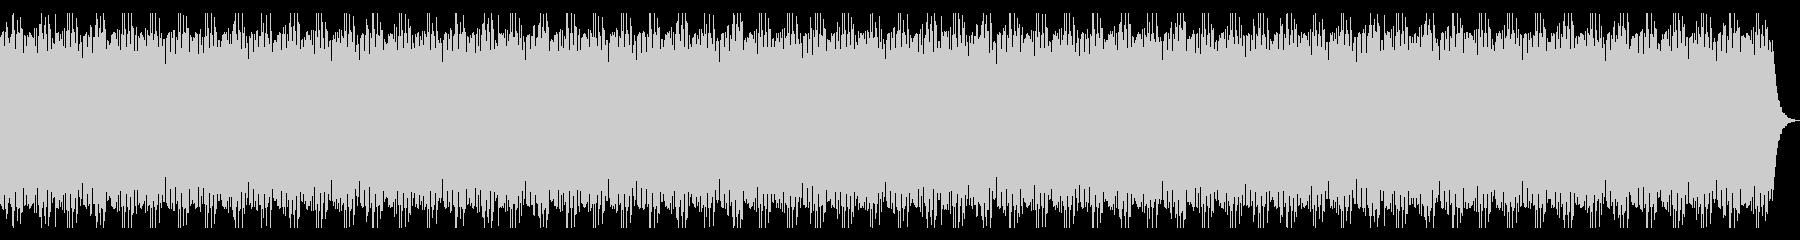 和の雰囲気のBGMの未再生の波形